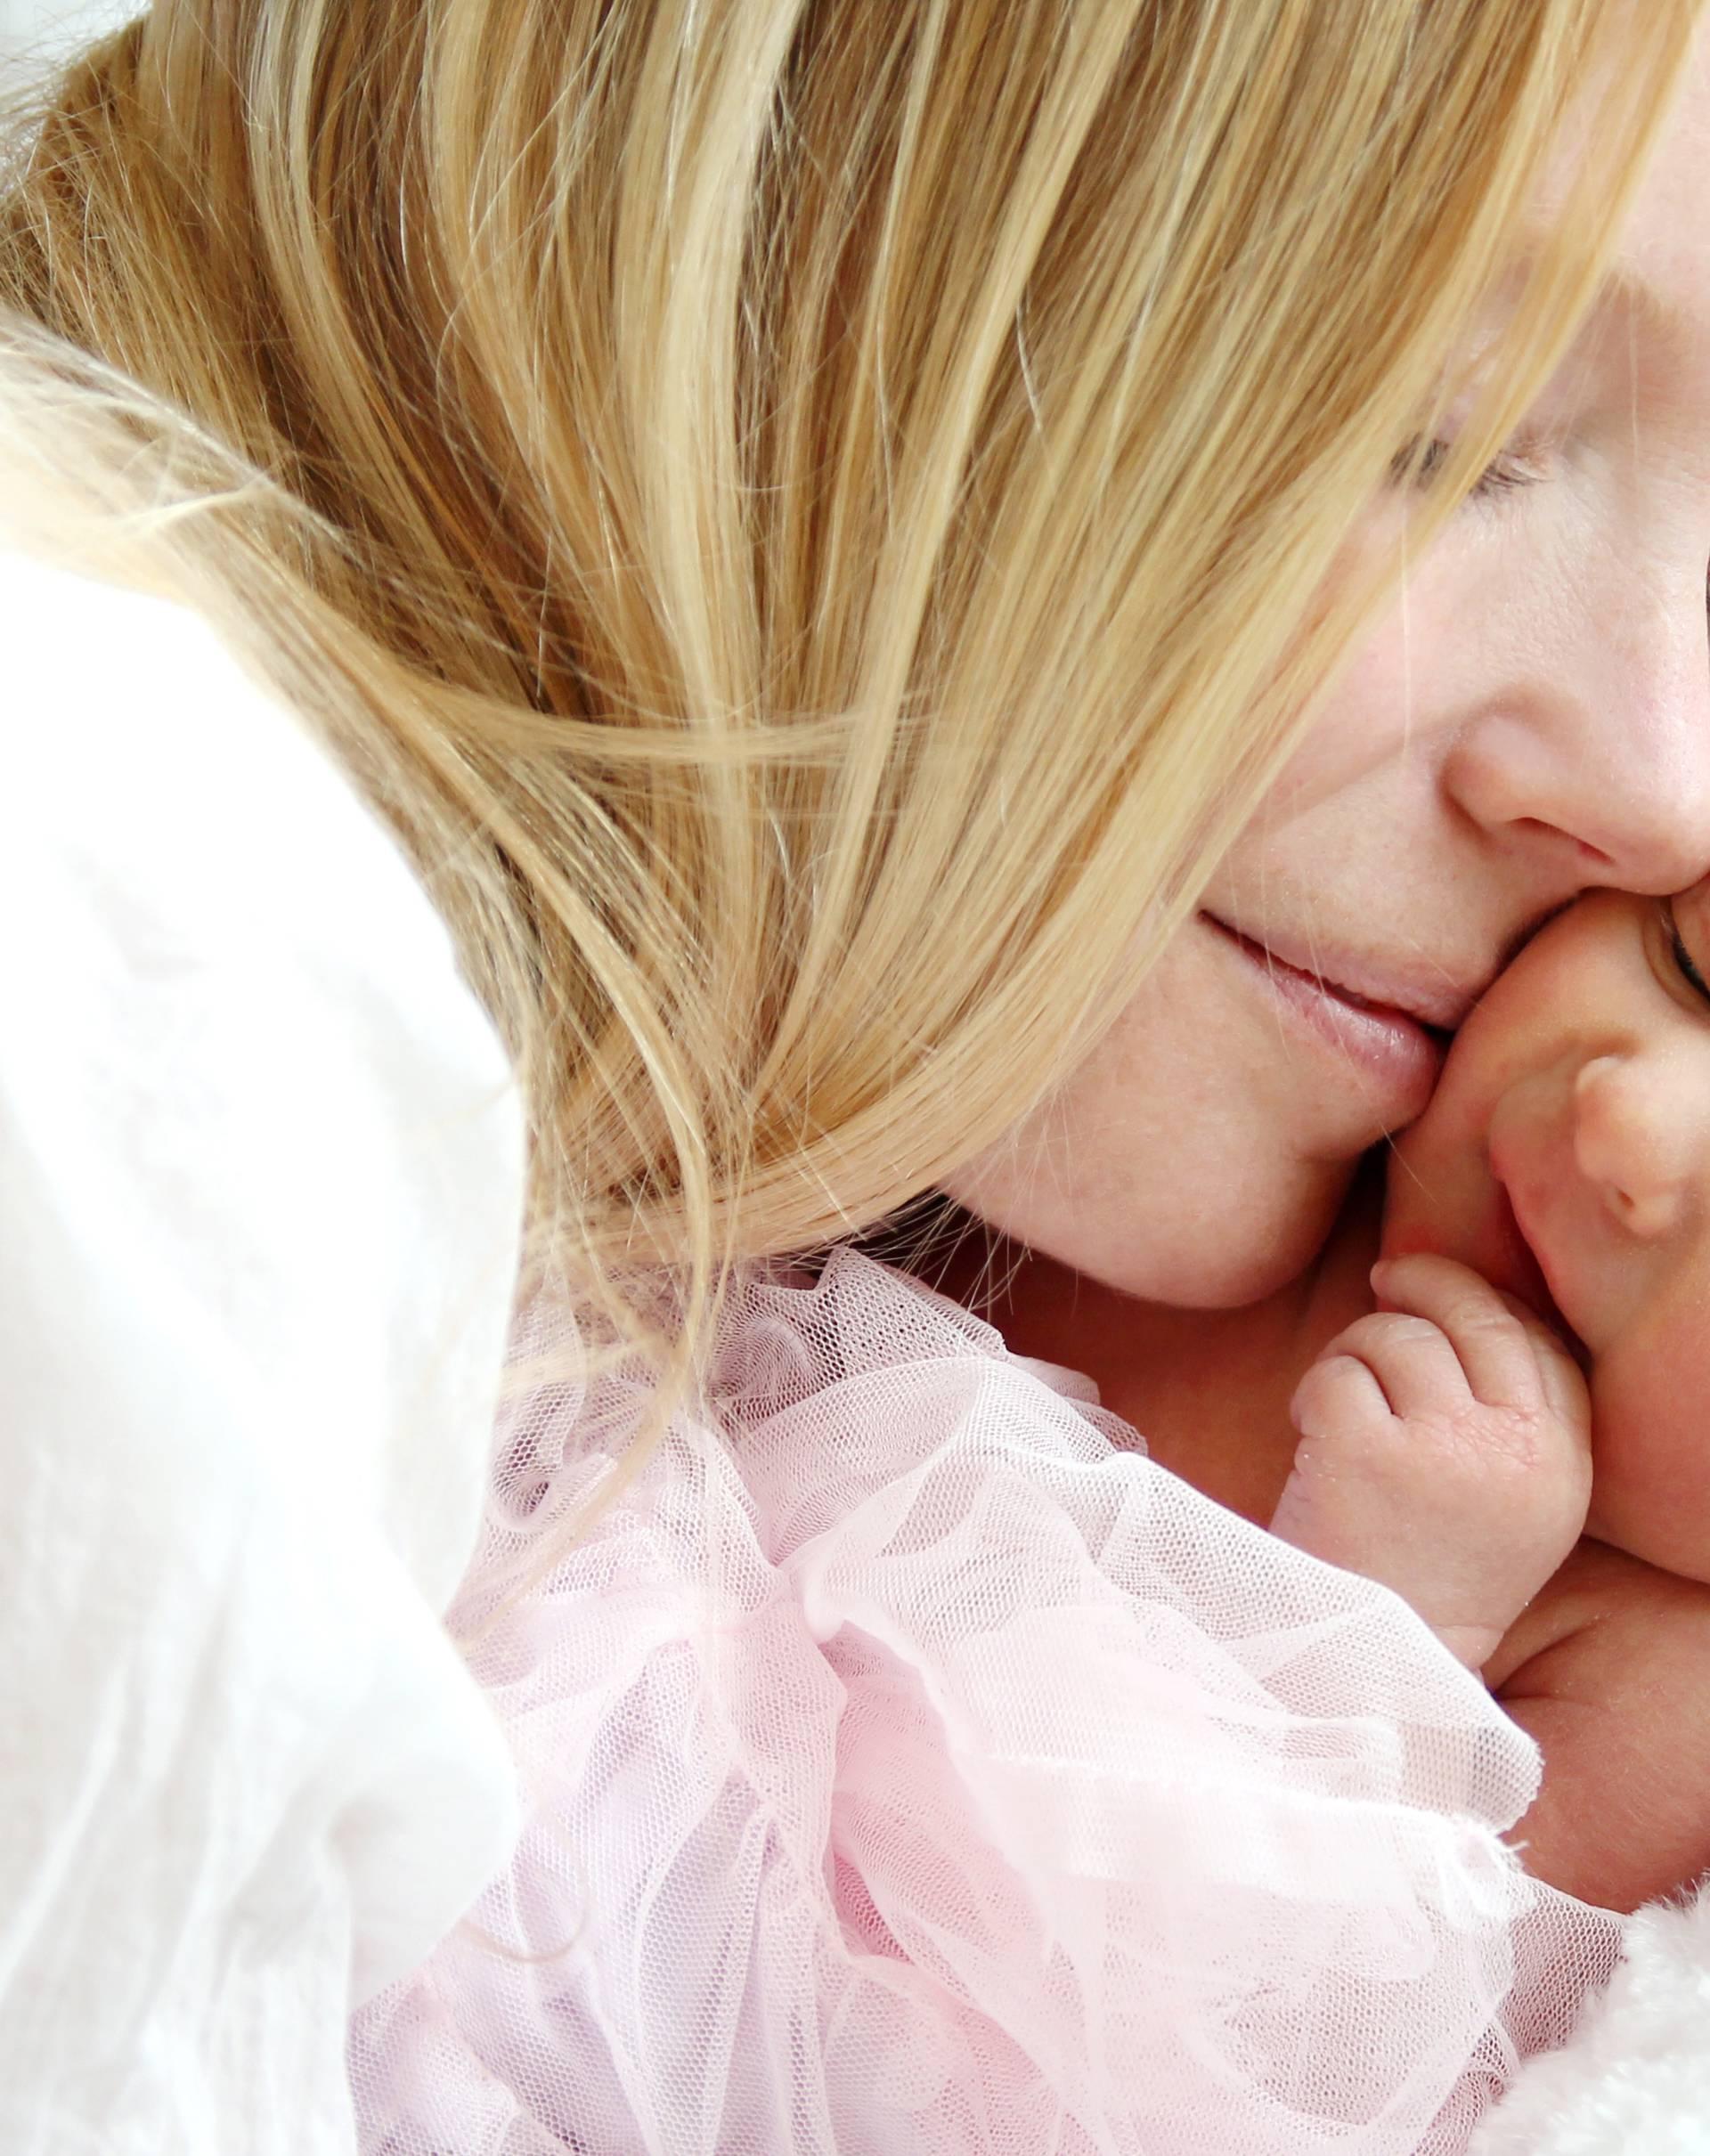 Evo zašto bebe tako prekrasno mirišu - naše tijelo je čudesno